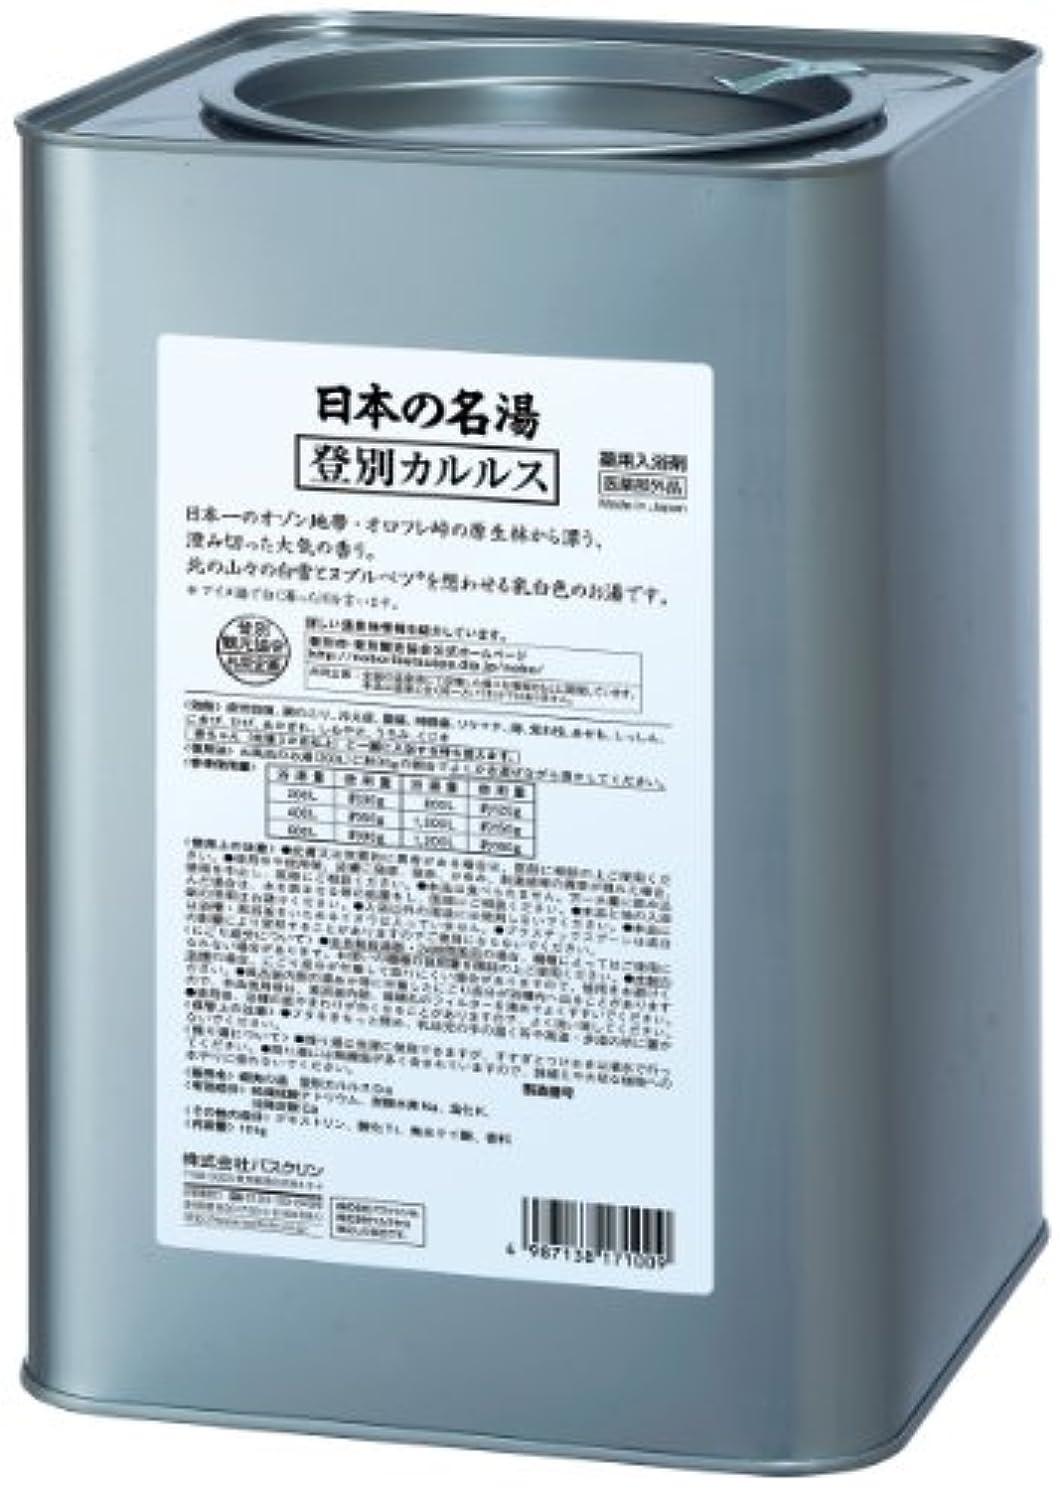 アラブアンテナ解説【医薬部外品/業務用】日本の名湯入浴剤 登別カルルス(北海道)10kg 大容量 温泉成分 温泉タイプ